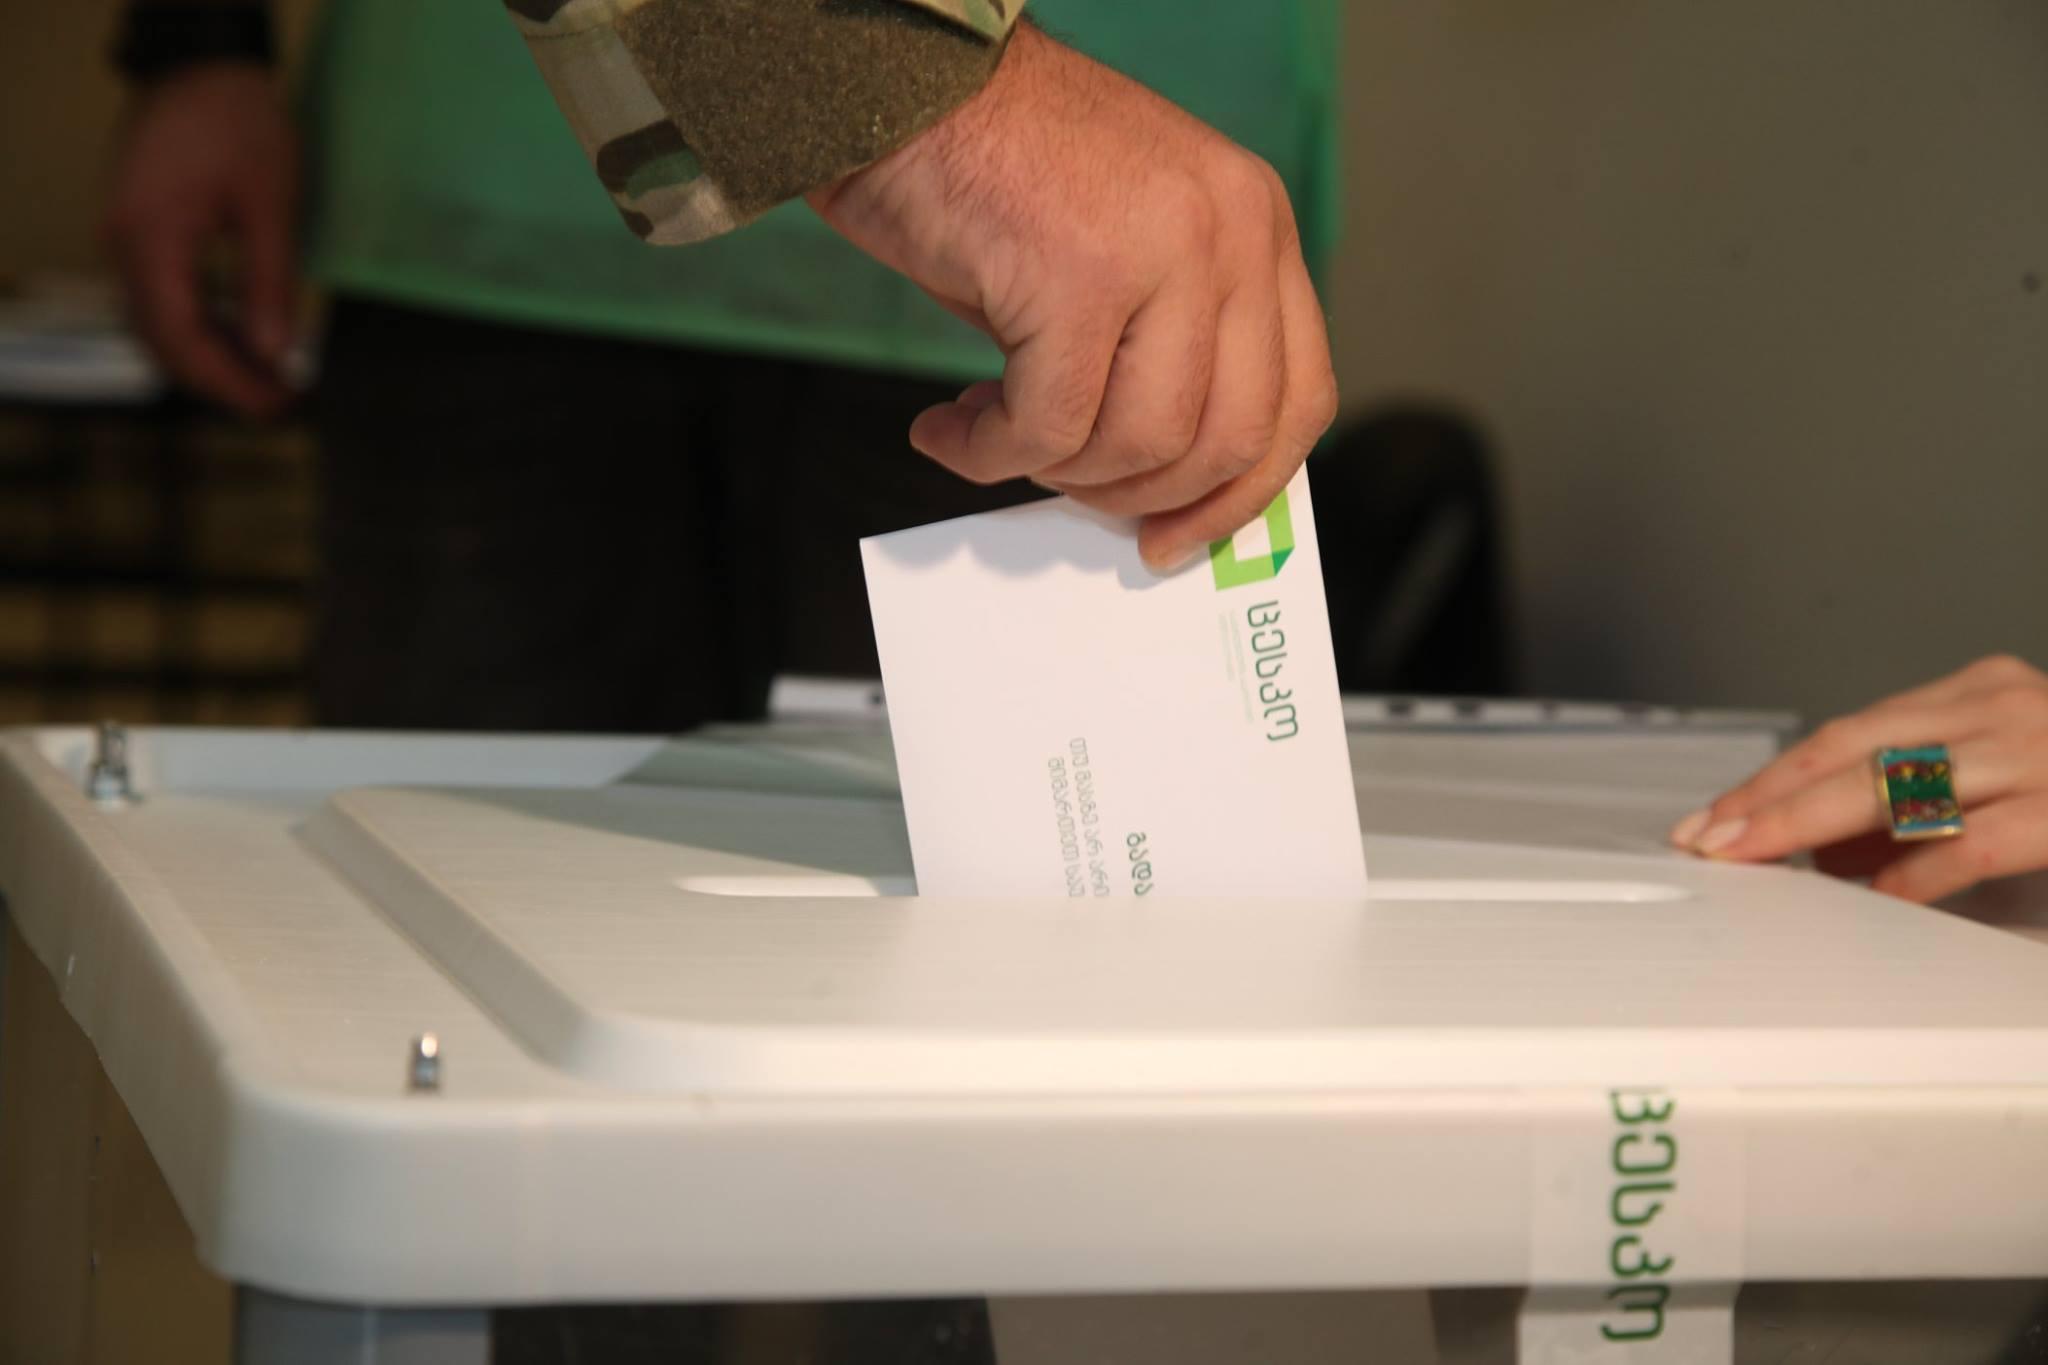 Election 4 #новости Выборы 2020, коронавирус, коронавирус в Грузии, Центризбирком, ЦИК Грузии